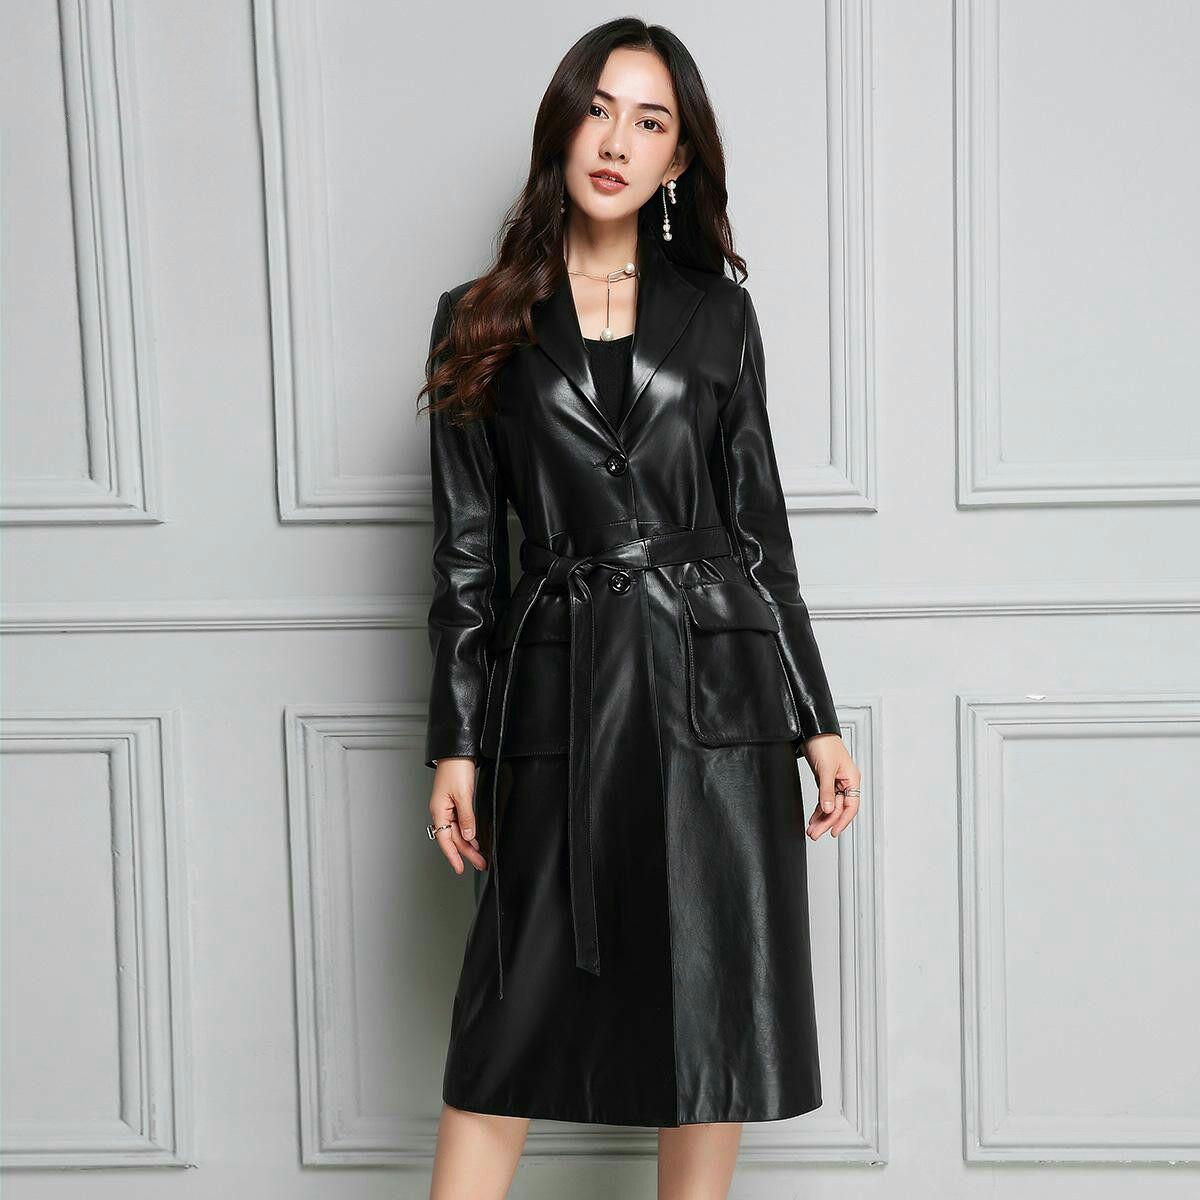 Véritable Cuir trench-coat Femmes Réel en peau de Mouton Coupe-Vent à manches longues manteau en cuir gl0135